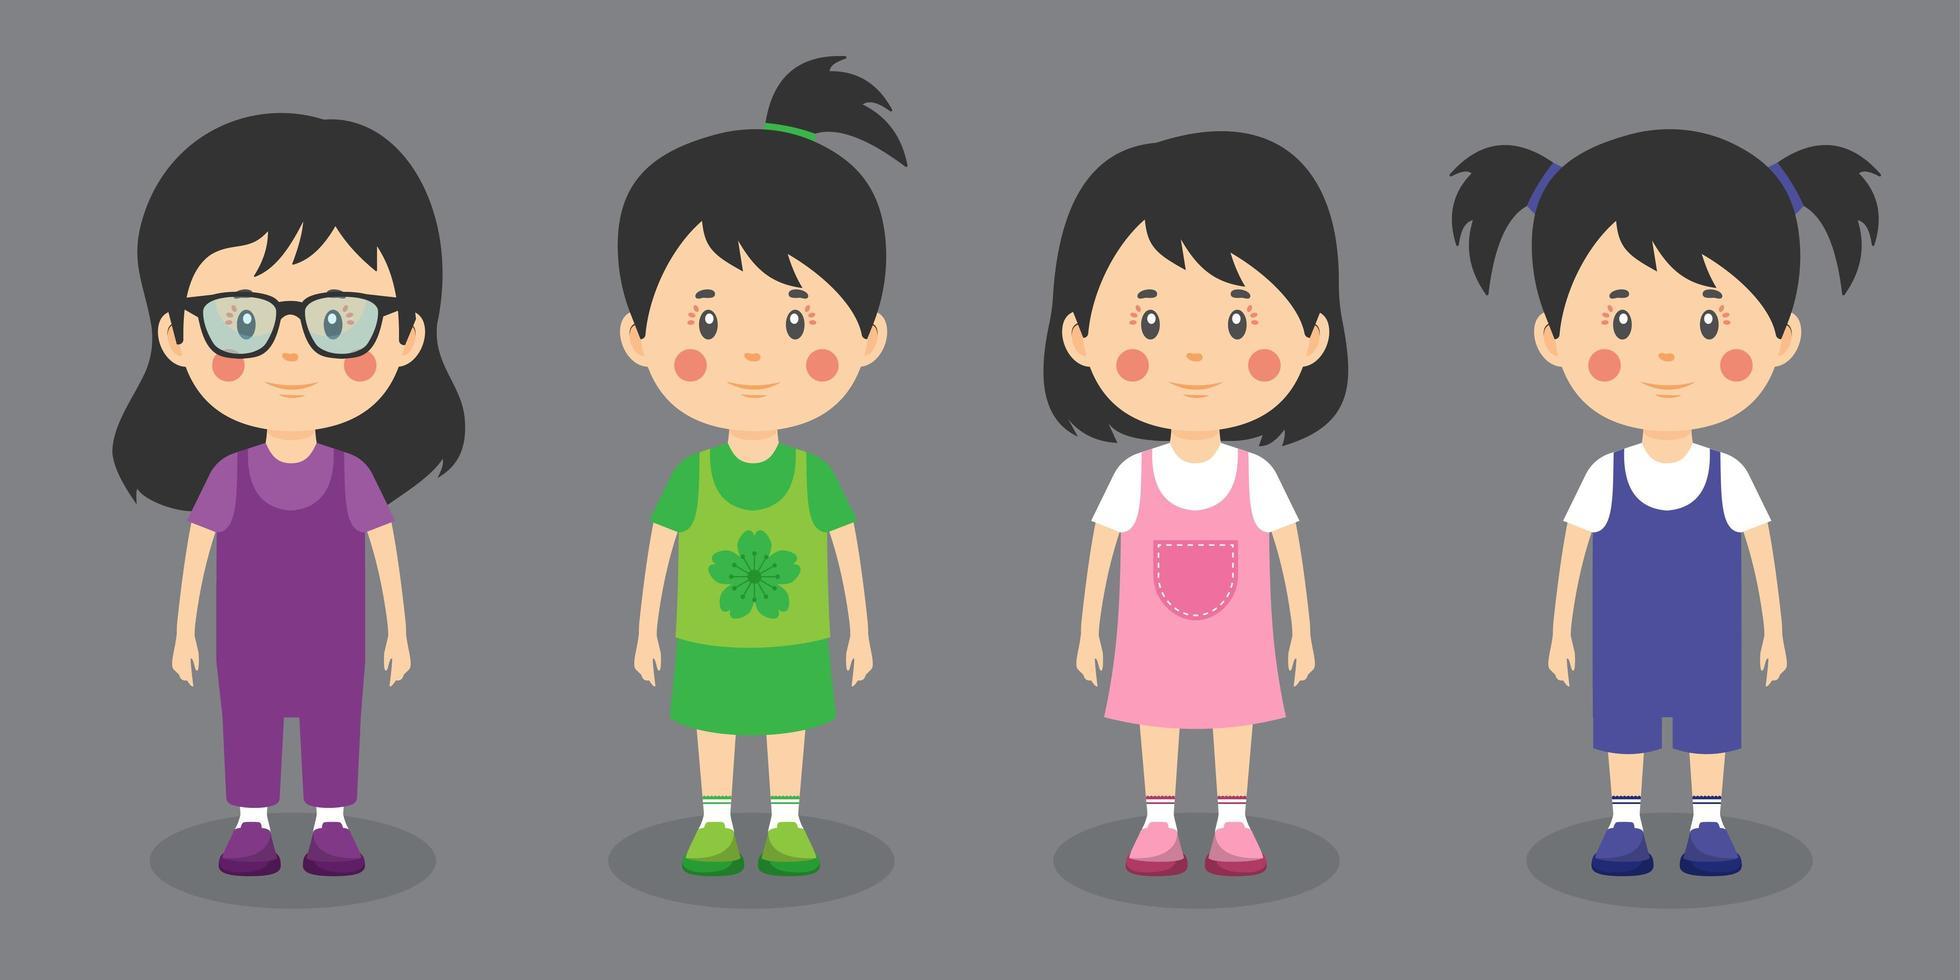 klein meisje kindvriendelijke karakters vector